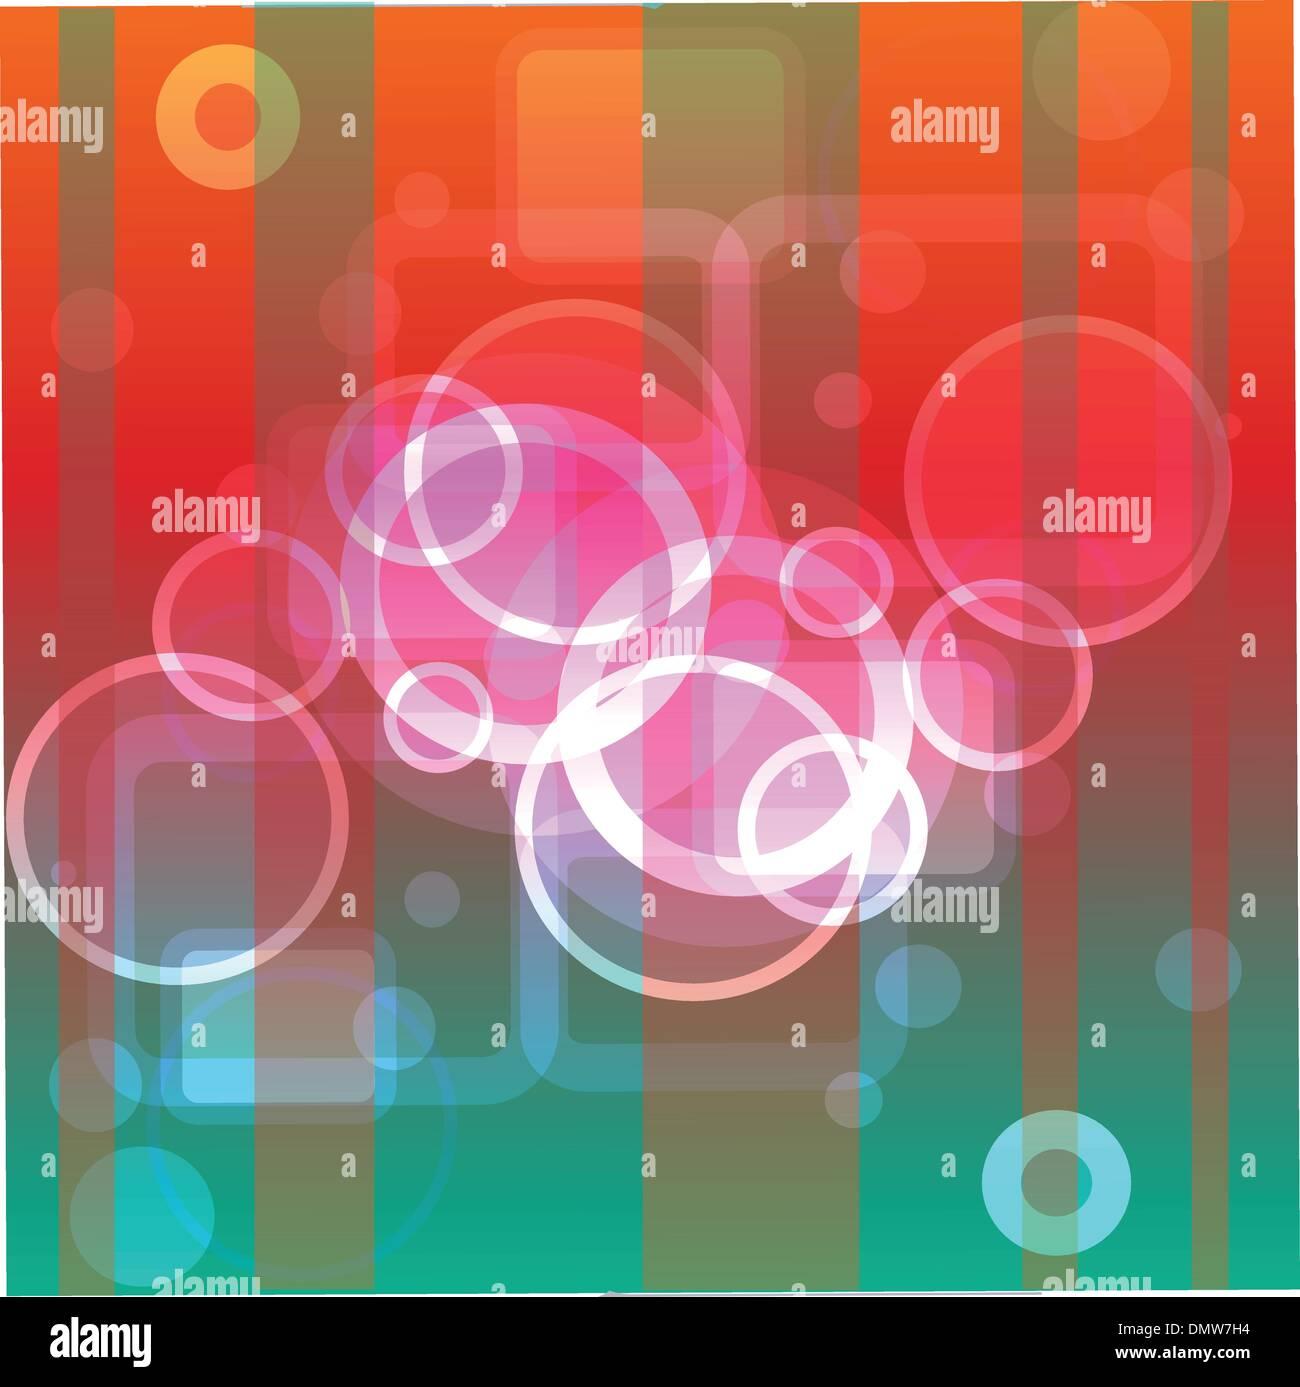 Les cercles et bandes sur fond abstrait Photo Stock